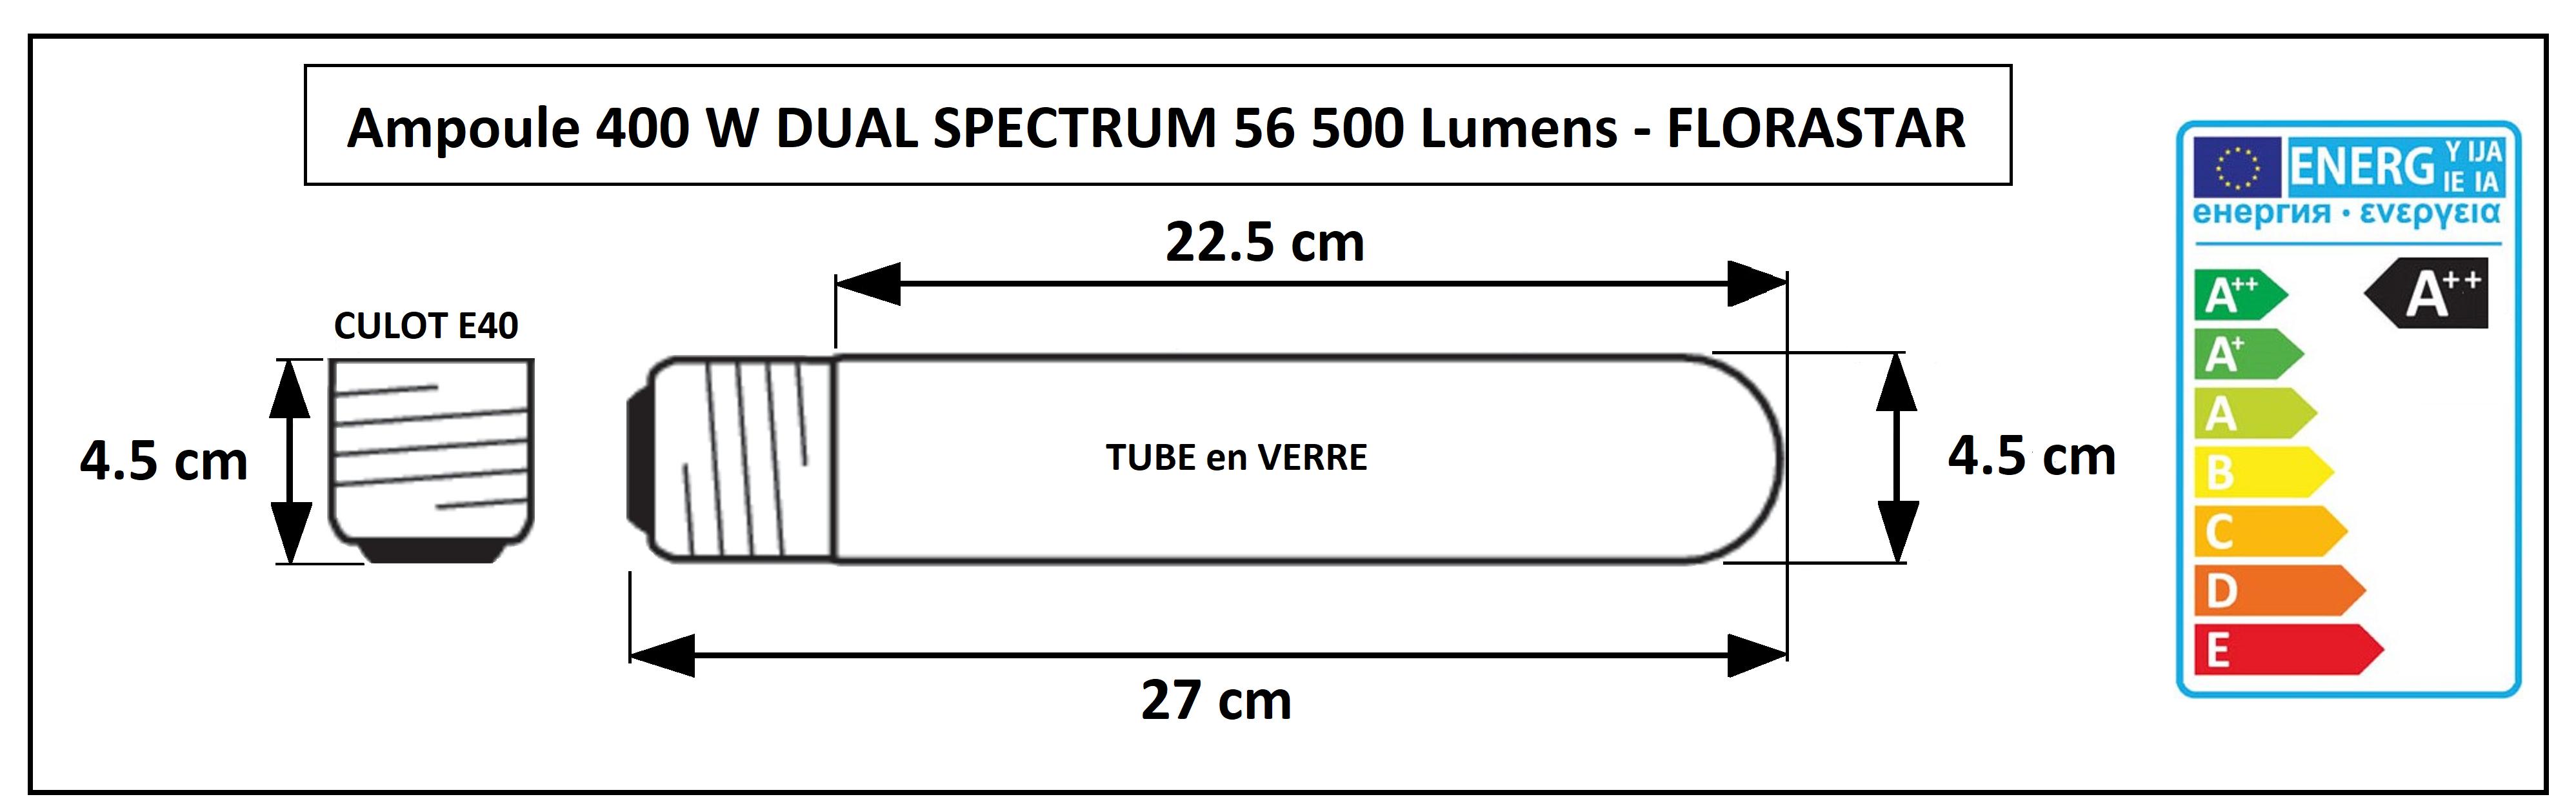 Dimensions de l'ampoule Dual Spectrum 400 W Florastar